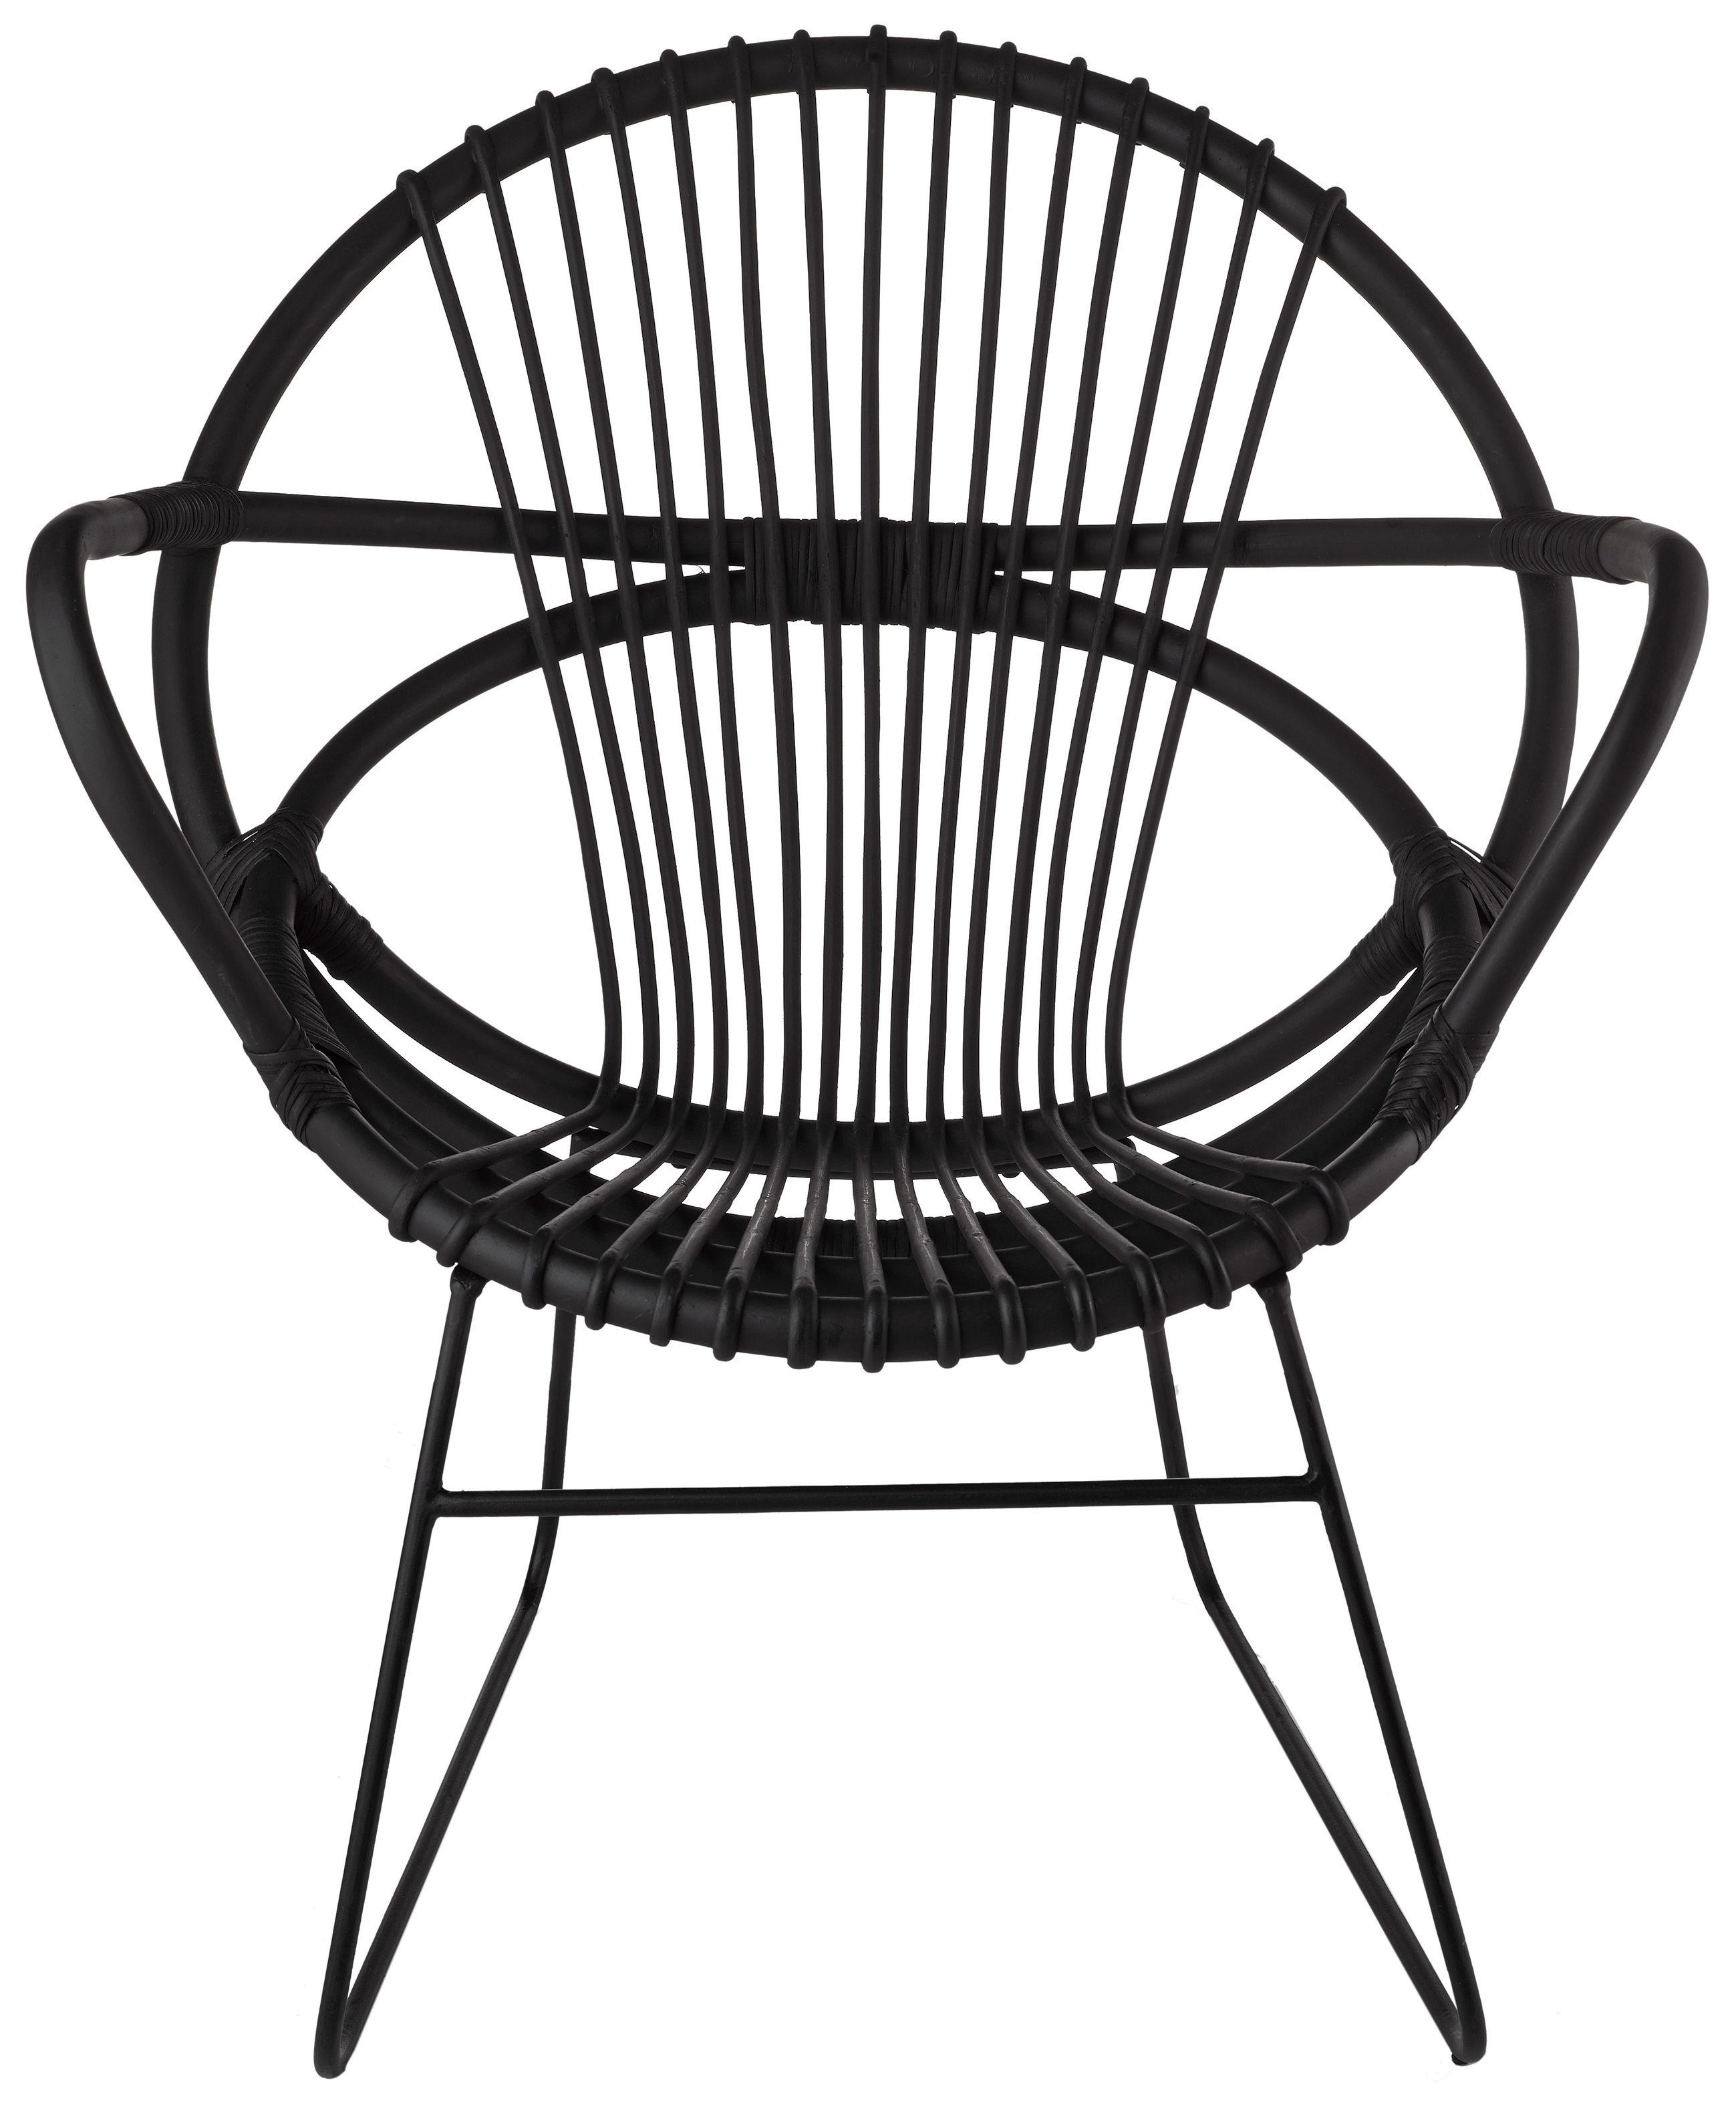 Arredamento - Poltrone design  - Poltrona Singapore di Pols Potten - Nero / Gambe nere - metallo verniciato, Midollino